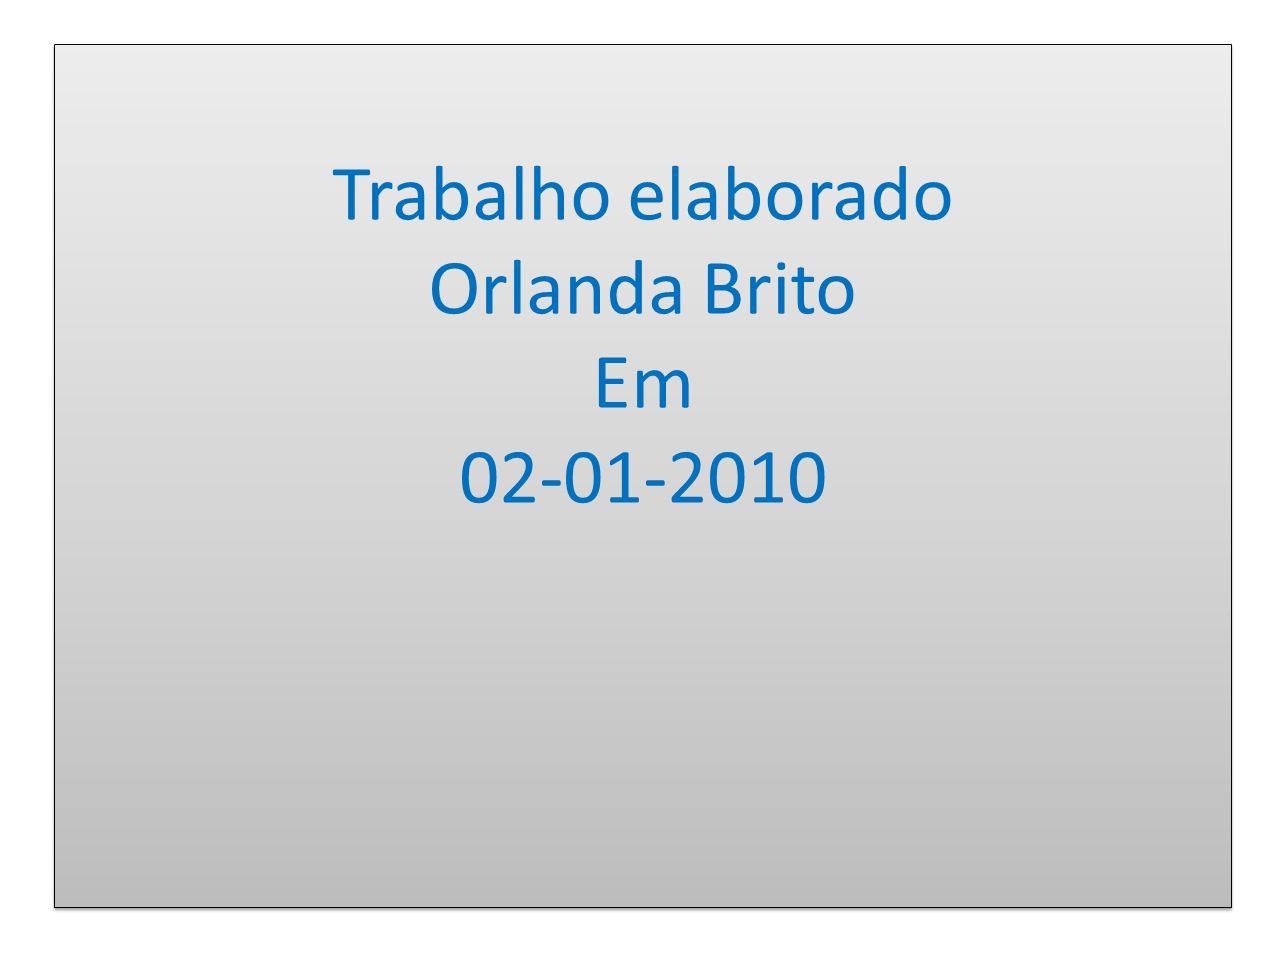 Trabalho elaborado Orlanda Brito Em 02-01-2010 Trabalho elaborado Orlanda Brito Em 02-01-2010